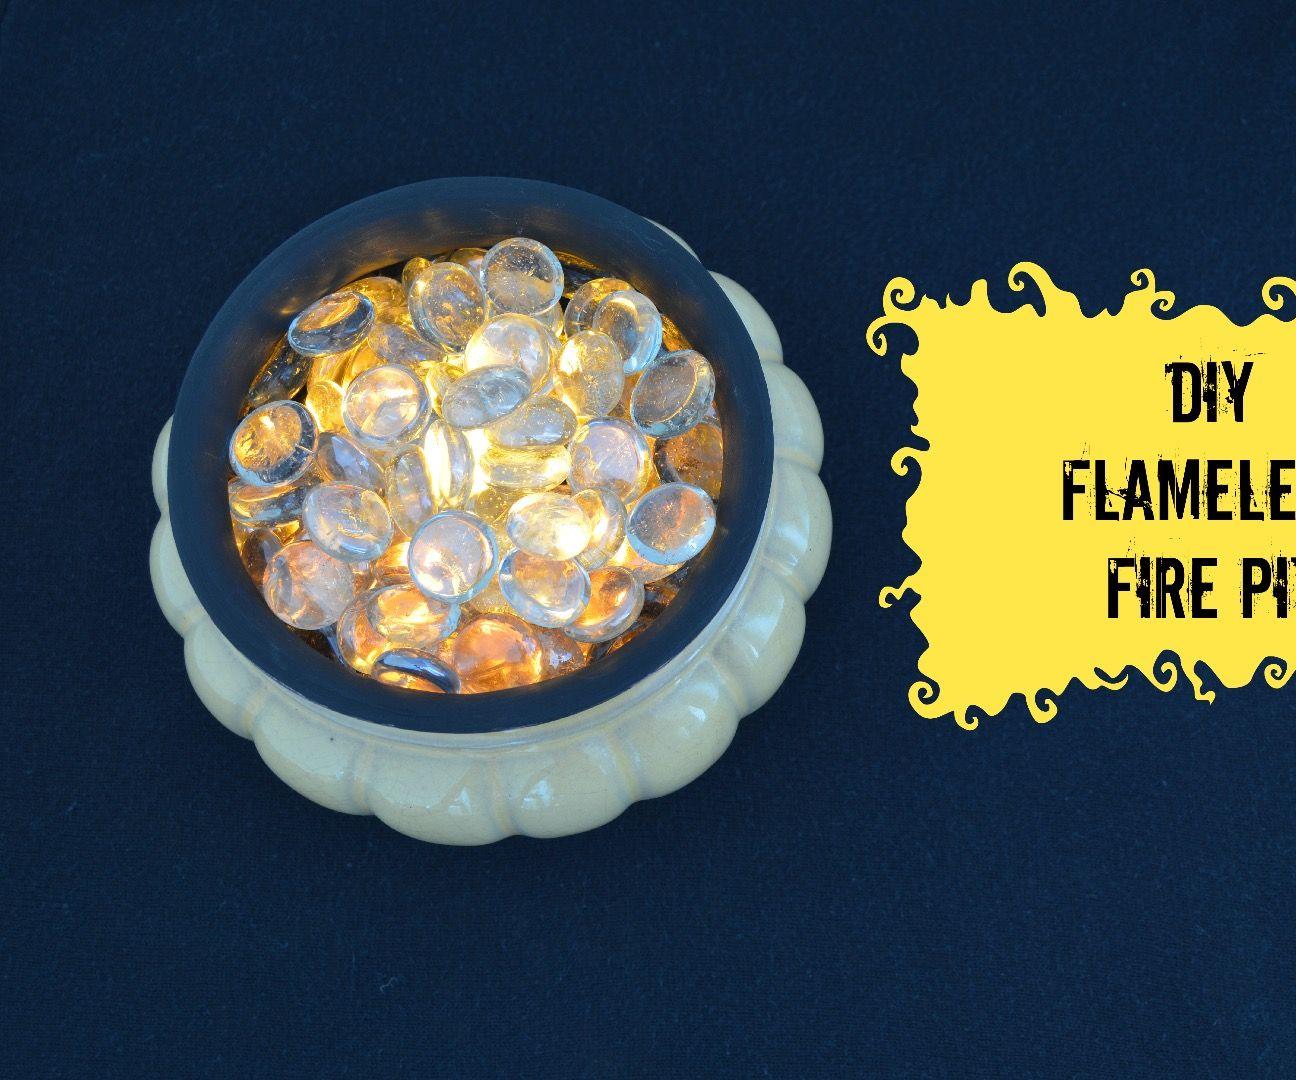 DIY Flameless Fire pit